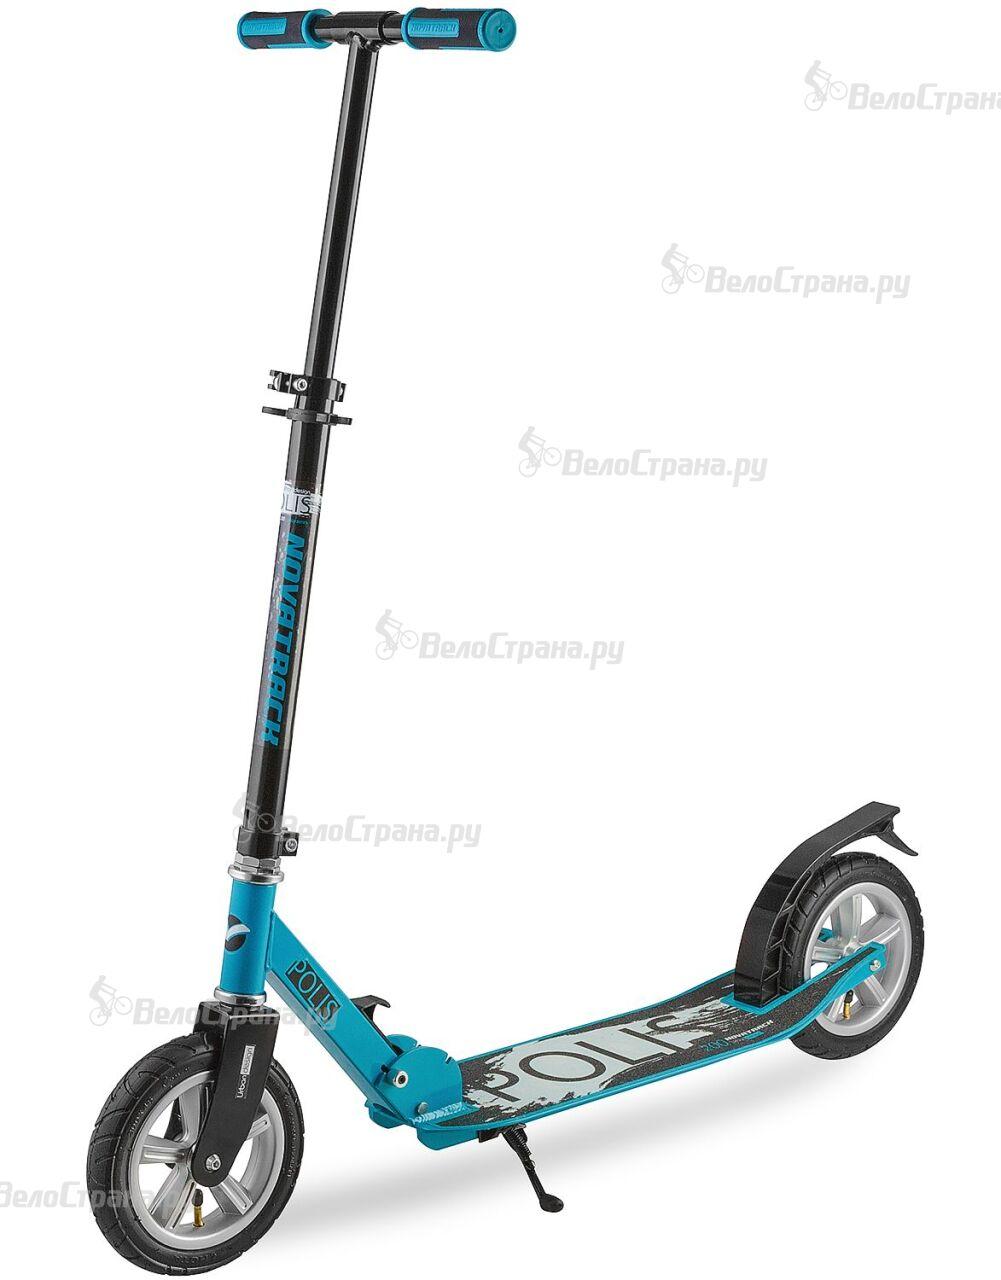 Самокат Novatrack Polis 200/200 (2018) novatrack самокат городской polis сталь пластик max 90кг колеса 200 мм синий 200p polis bl7